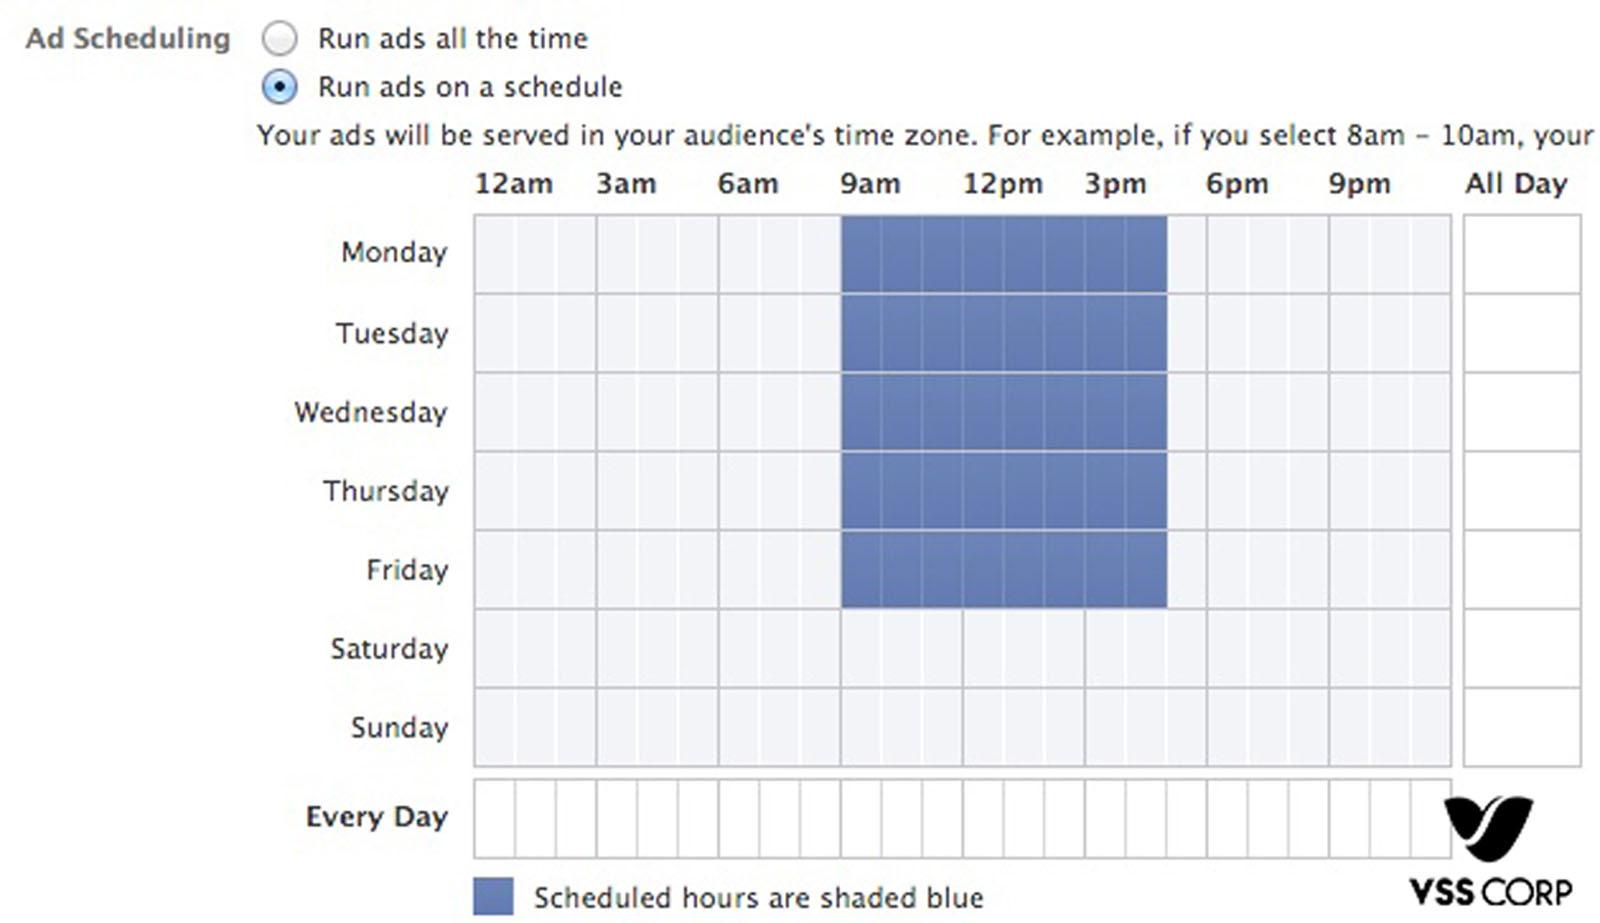 Chọn khoảng thời gian mà bạn muốn hiển thị quảng cáo, chỉ cần nhấn chìm và kéo là thực hiện được.